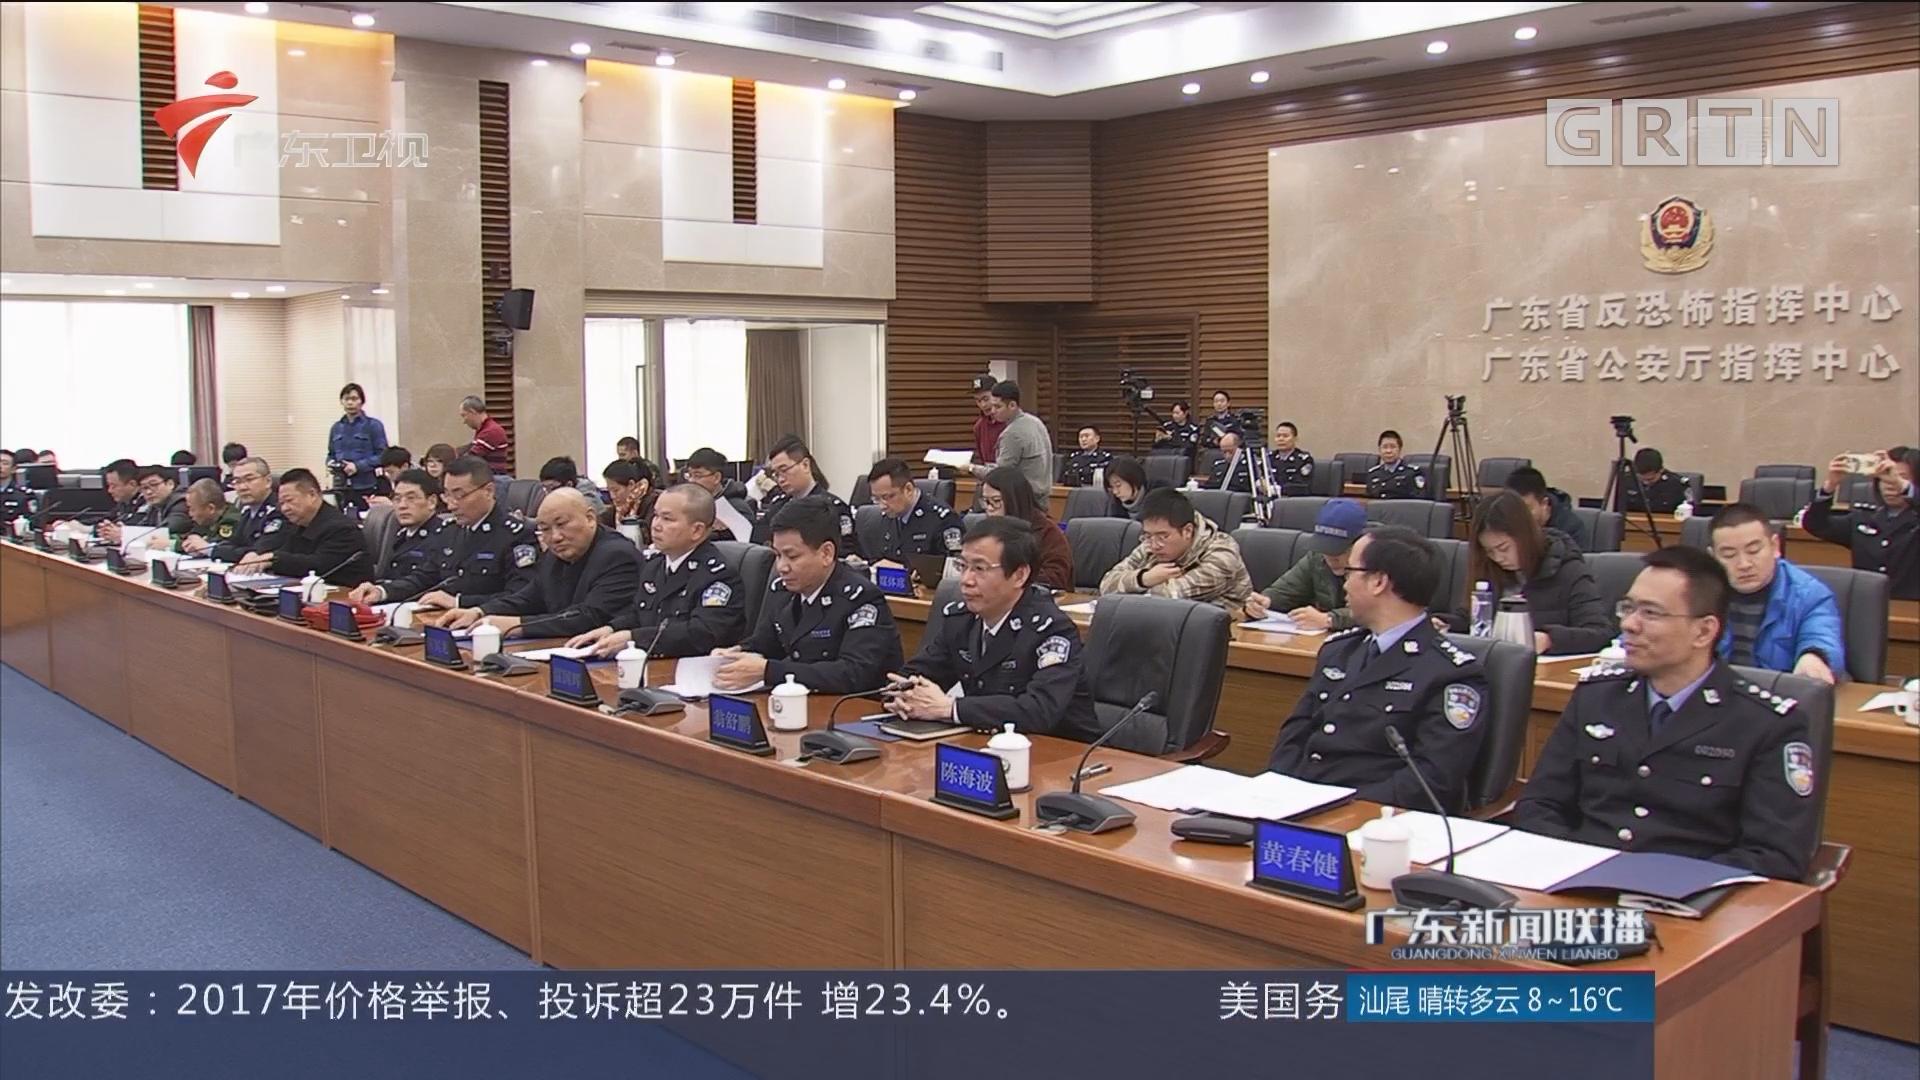 广东公安110创新社会联动模式